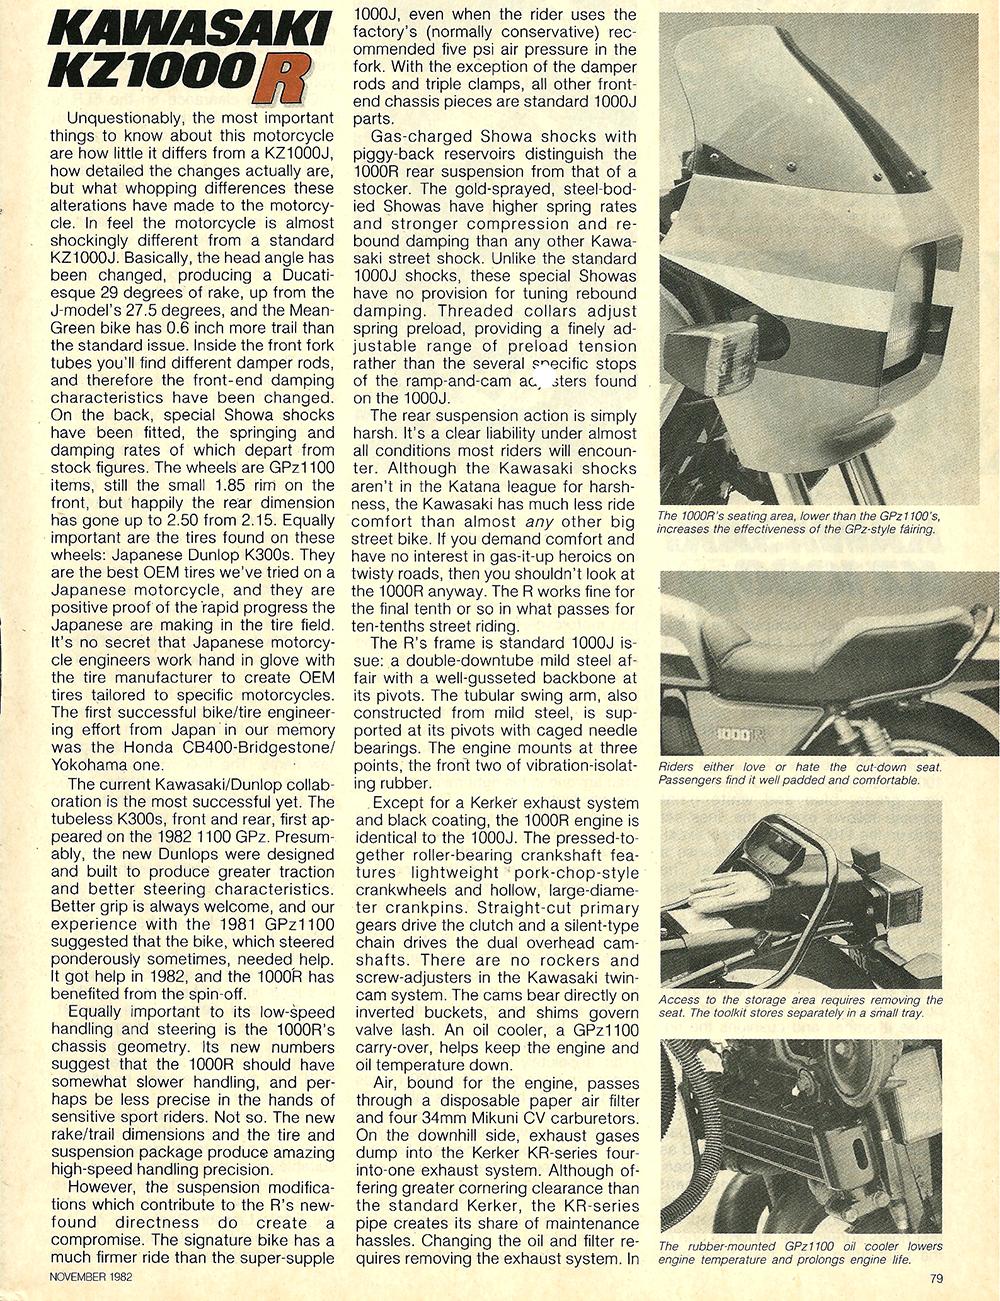 1982 Kawasaki KZ1000R road test 4.jpg